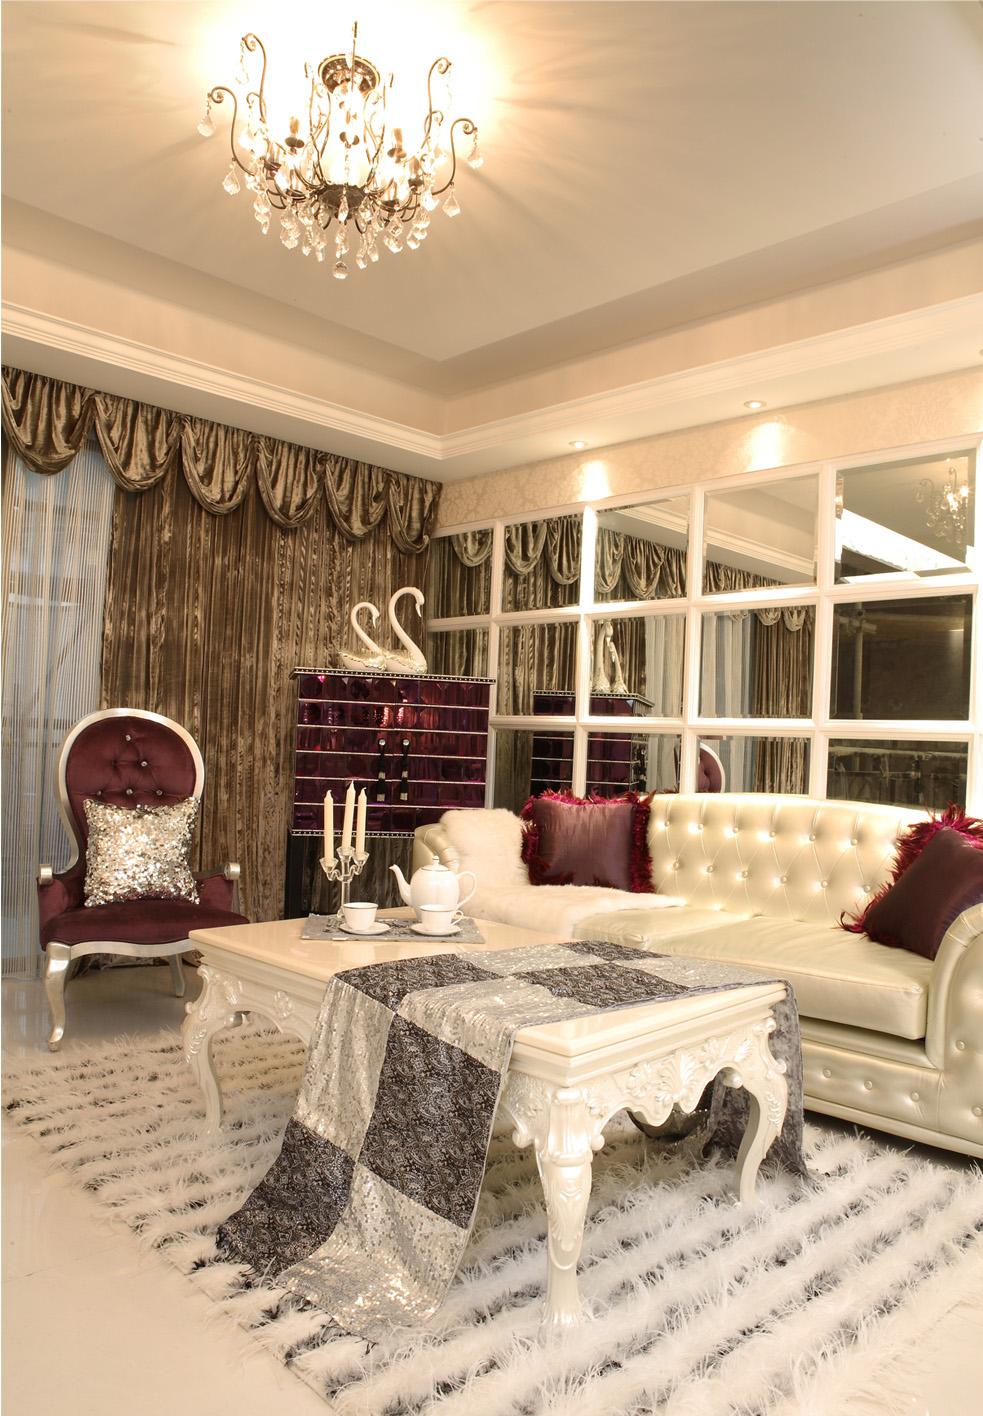 简约 欧式 三居 白领 小资 客厅图片来自北京装修设计o在中铁花溪渡欧式风格装修案例的分享